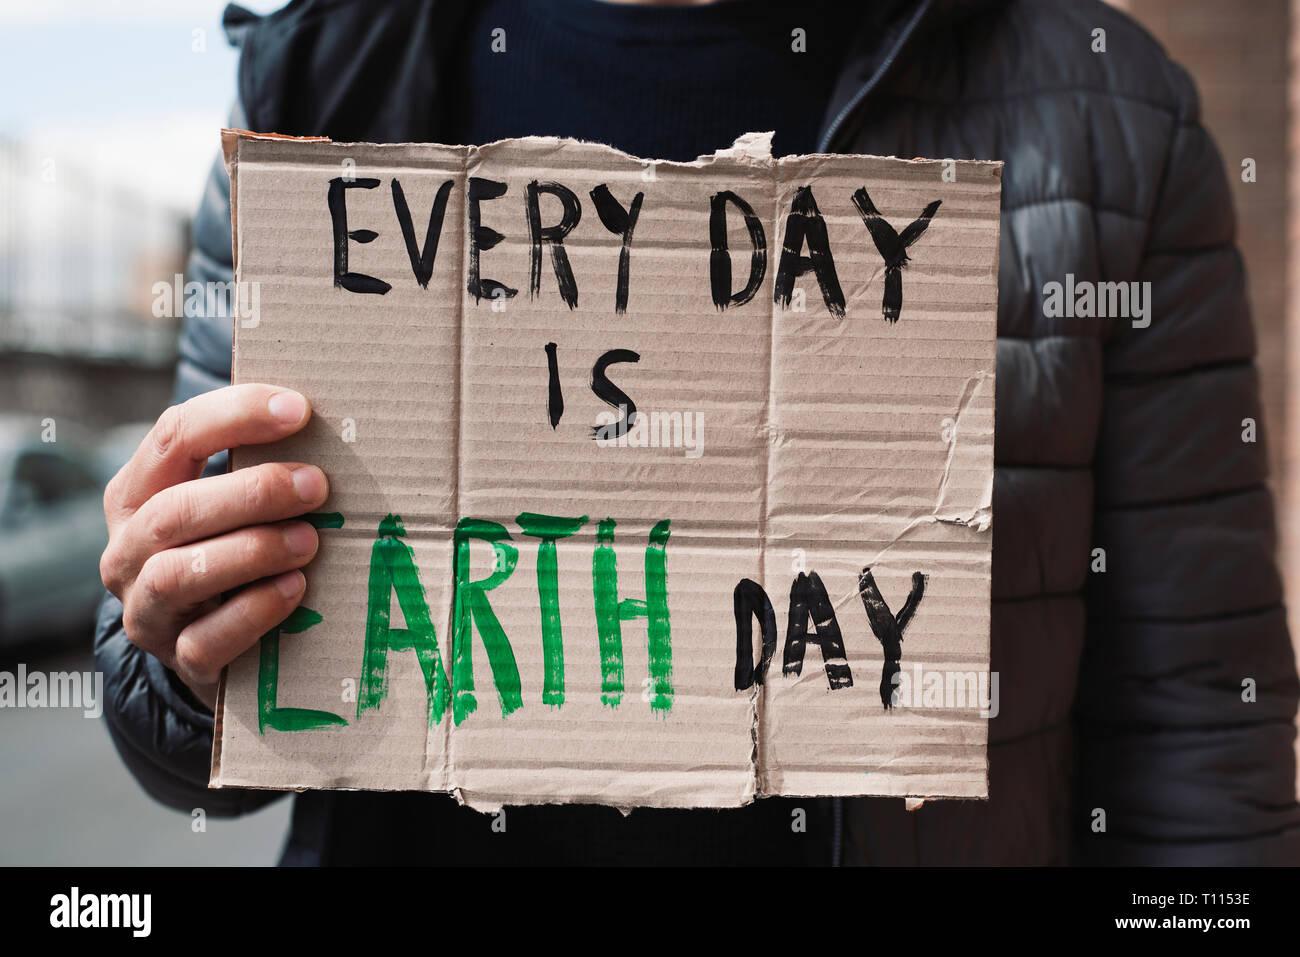 Primer plano de un joven hombre caucásico, en la calle, mostrando un cartel de cartón marrón con el texto cada día es el día de la tierra en ella manuscritas Imagen De Stock